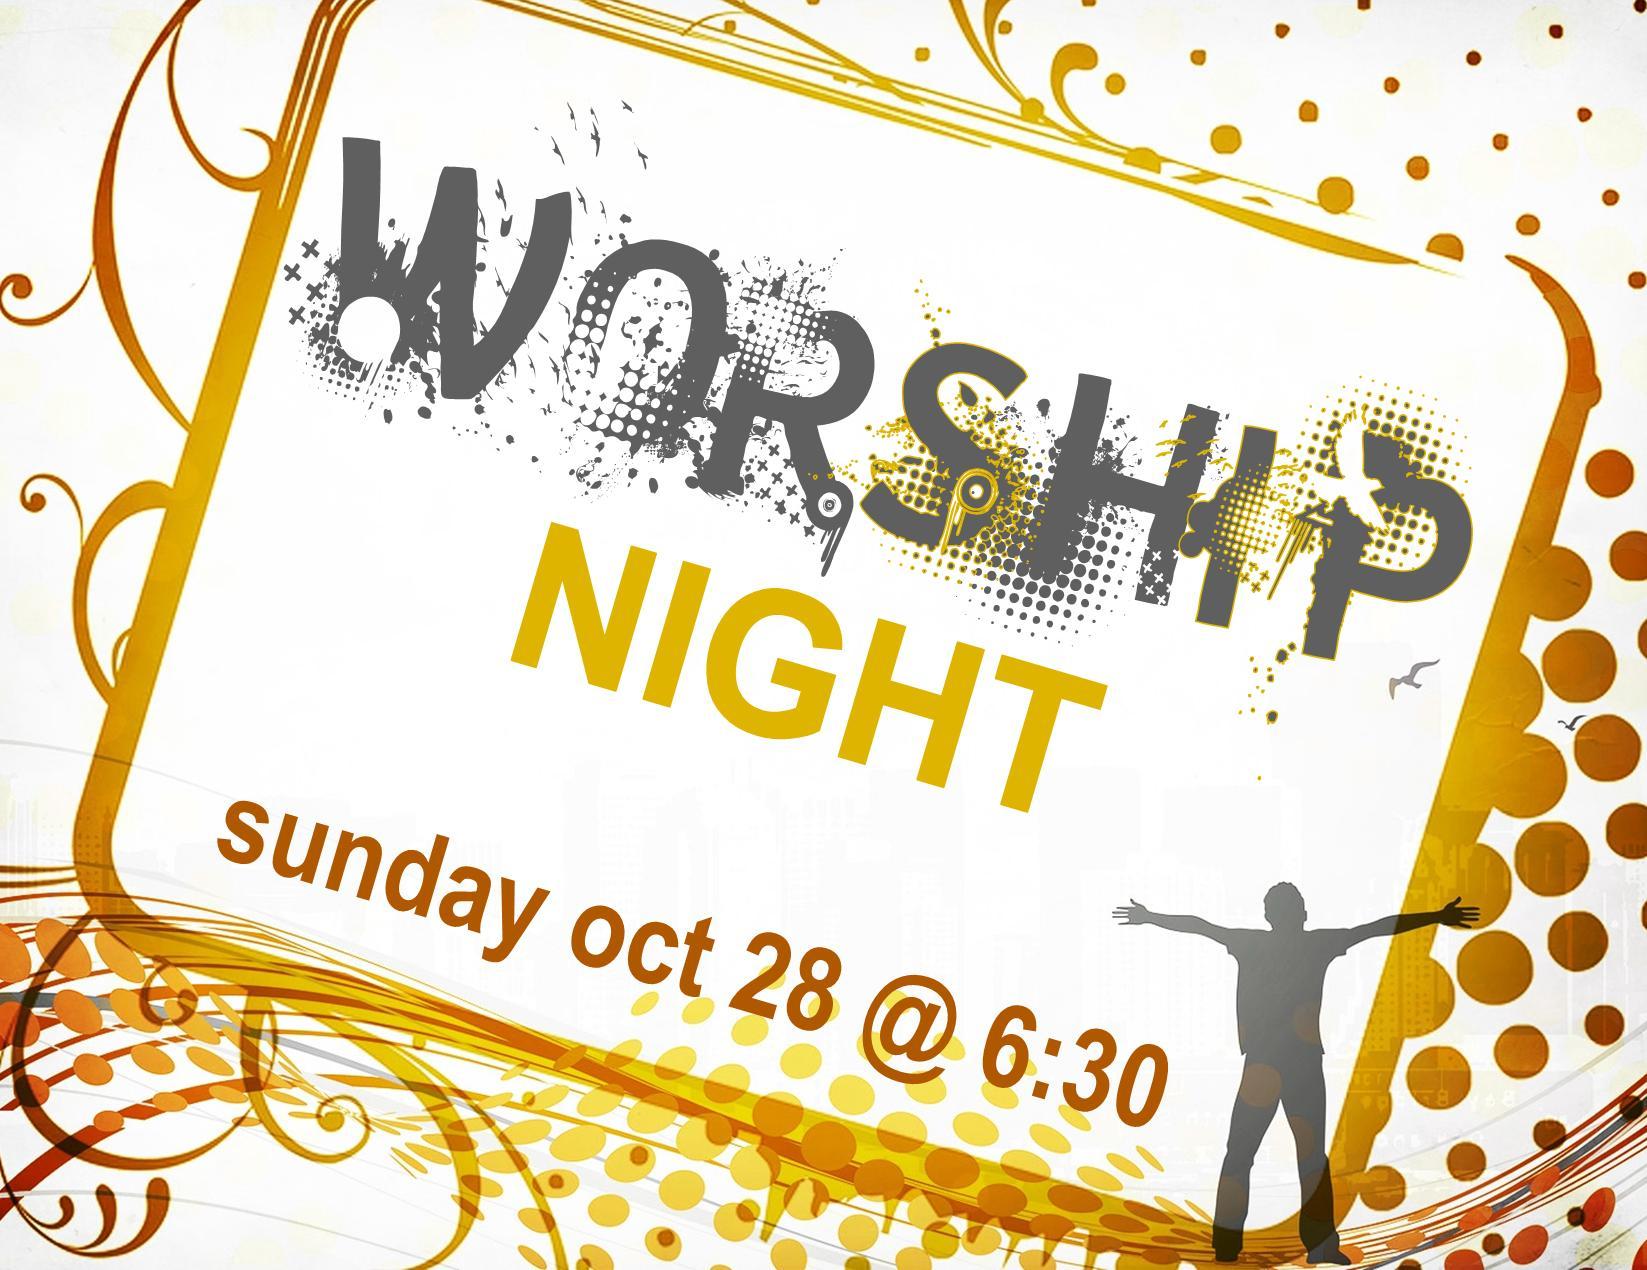 Worship Night Recording